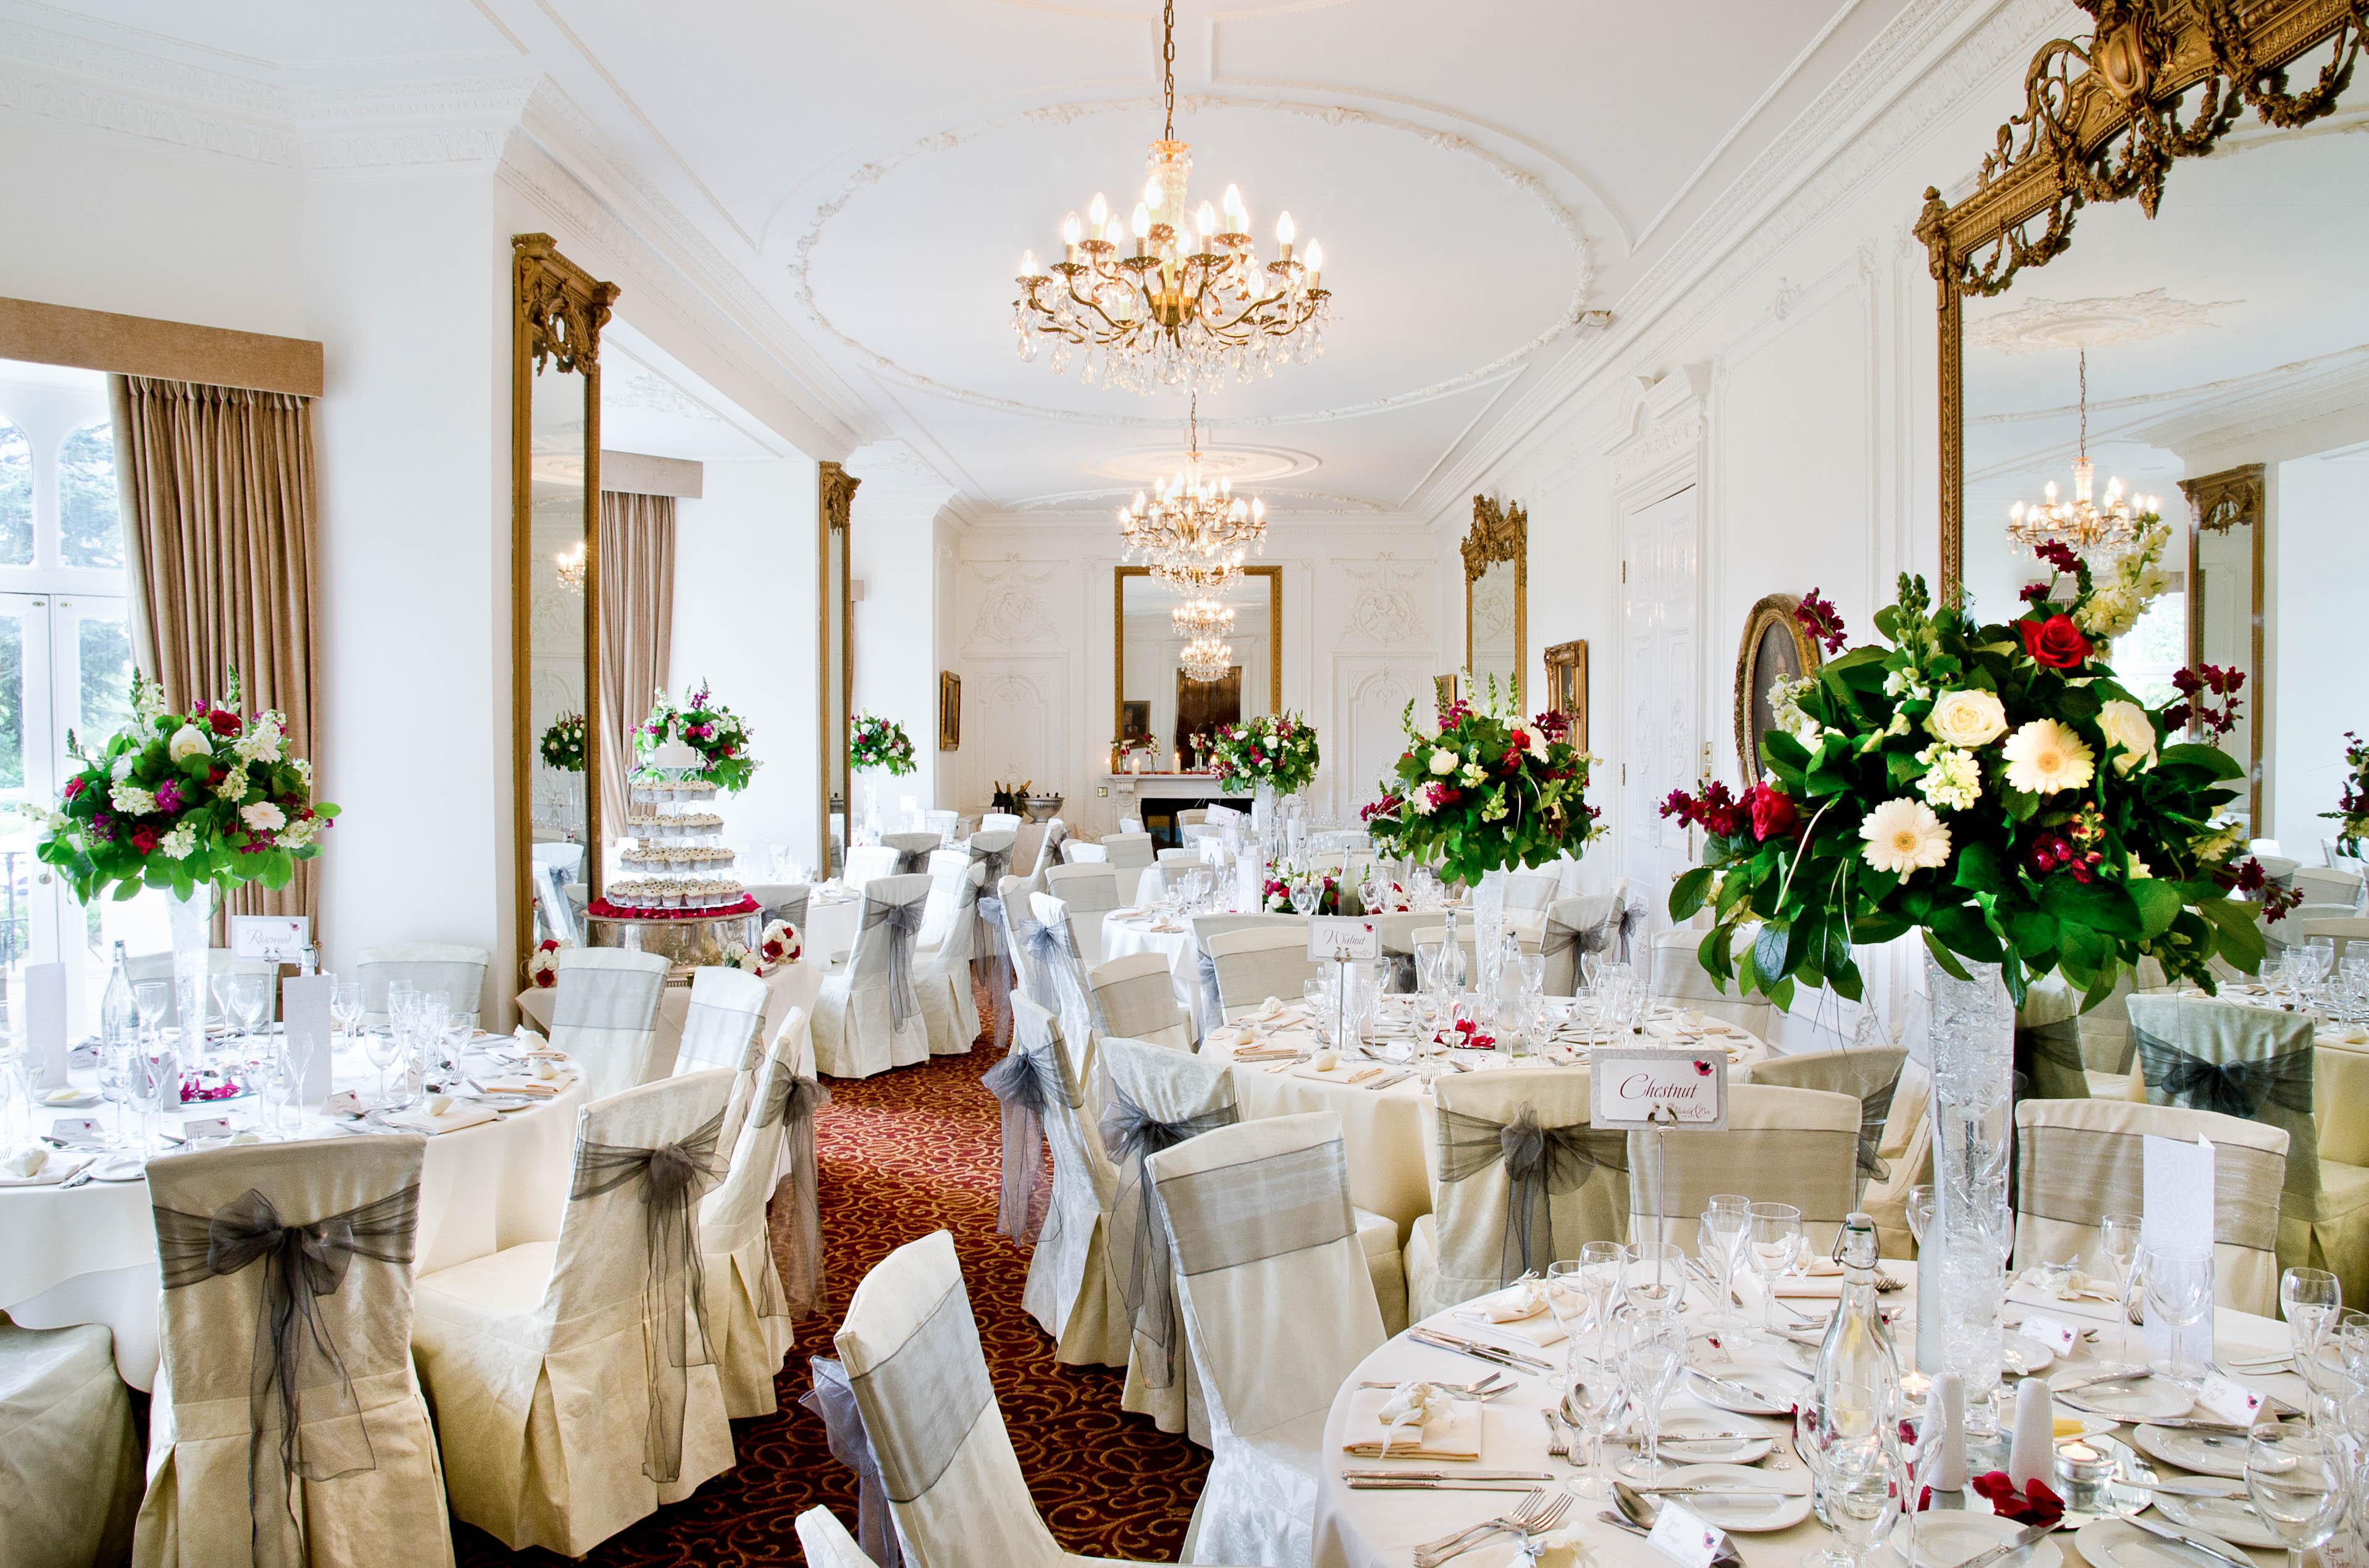 Taplow House Hotel Wedding Venues Bridebook